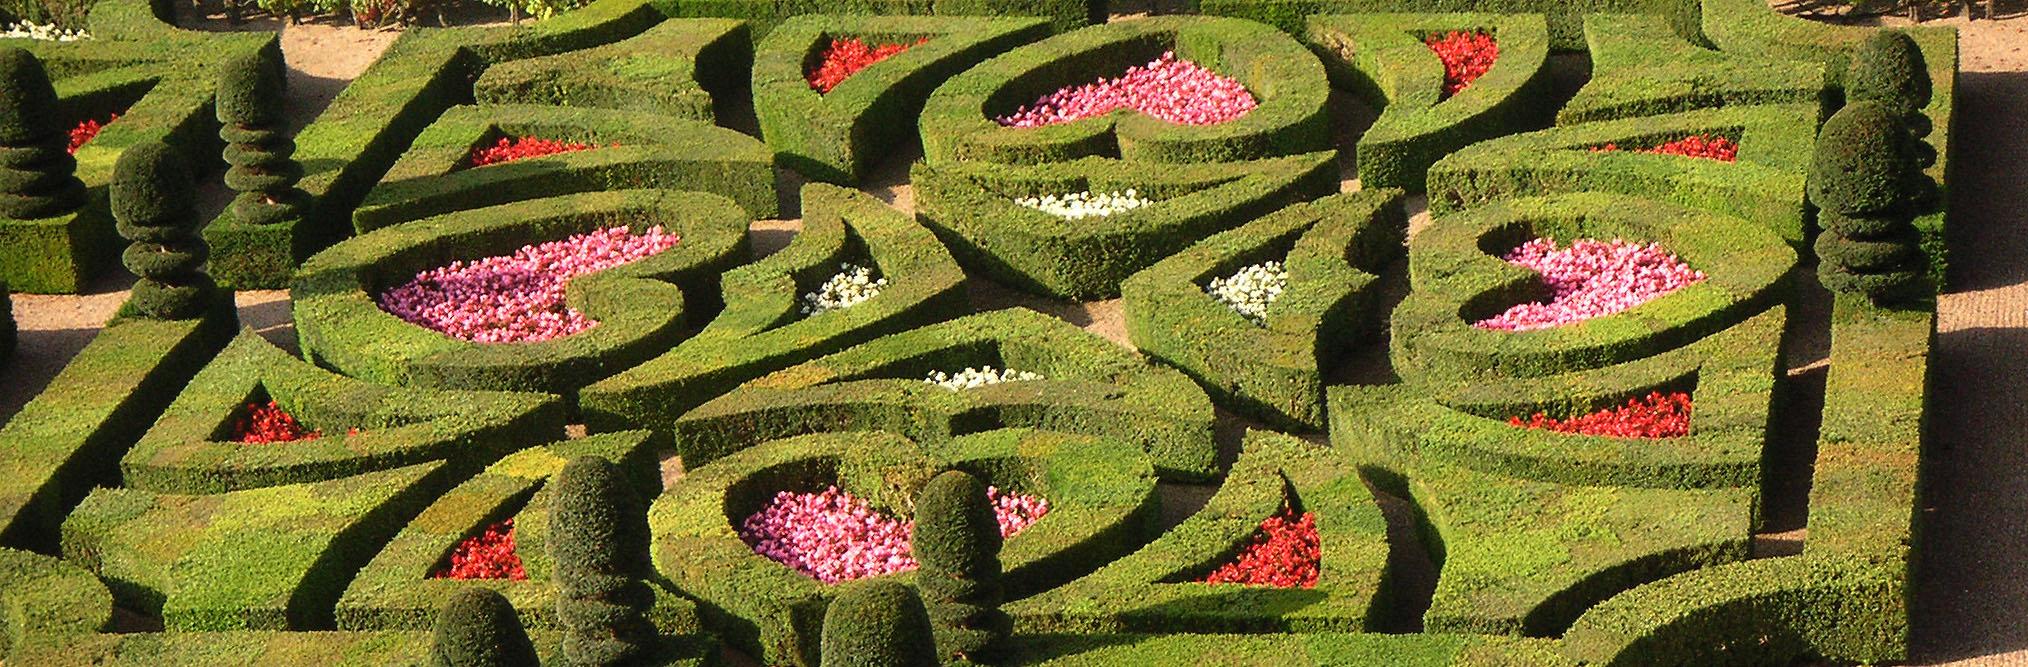 B_jardin.jpg